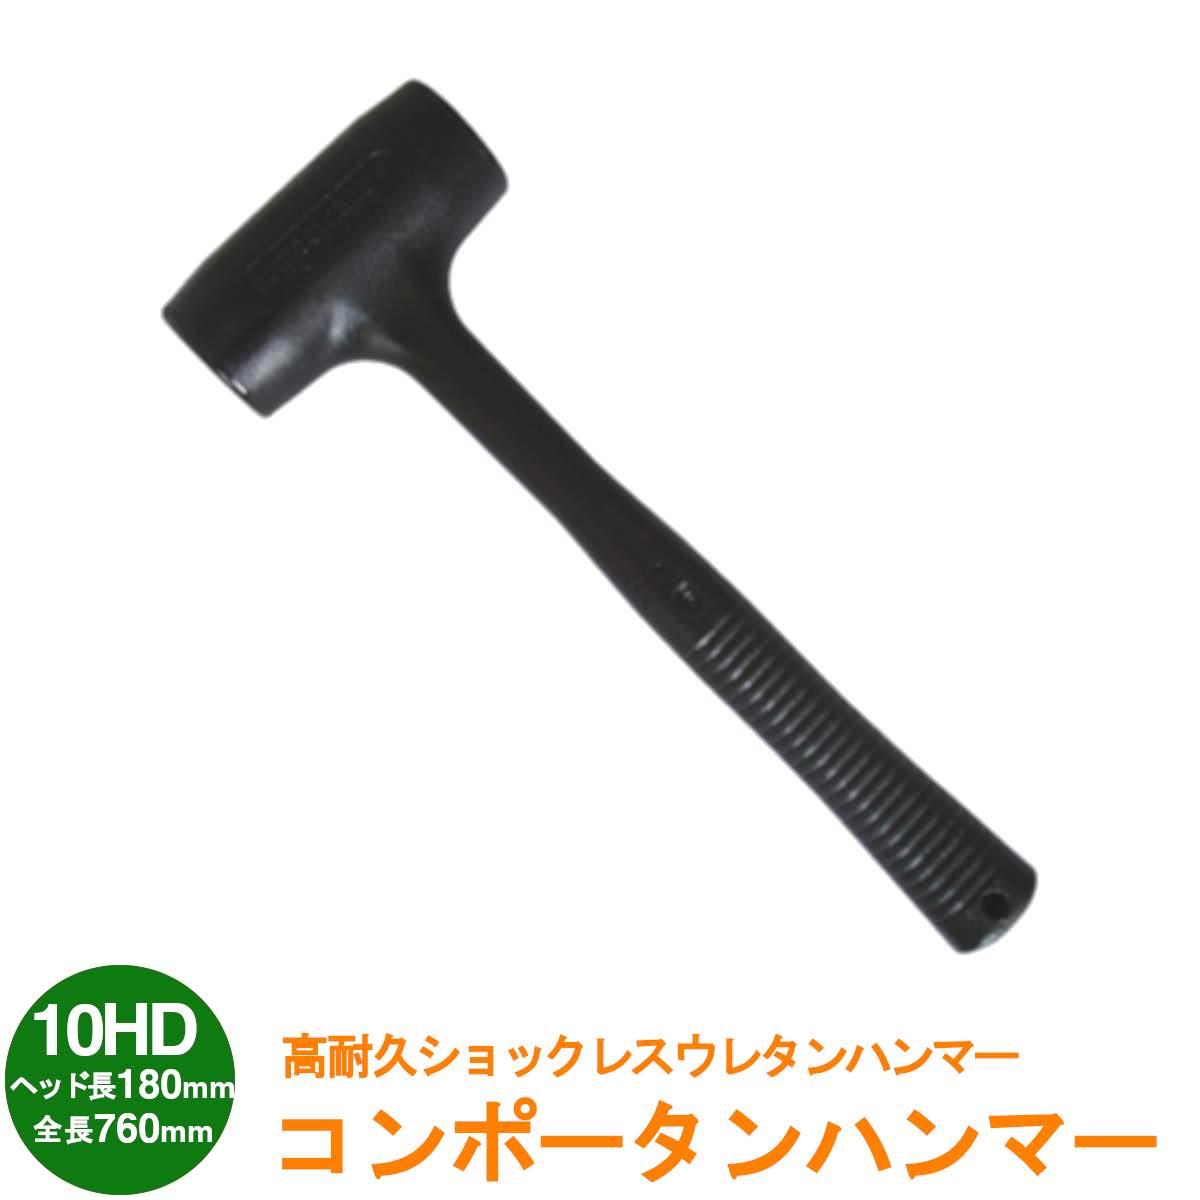 コンポータンハンマー 前田シェルサービス 超耐摩耗製ウレタン ショックレスハンマー 10HD(6ポンド)